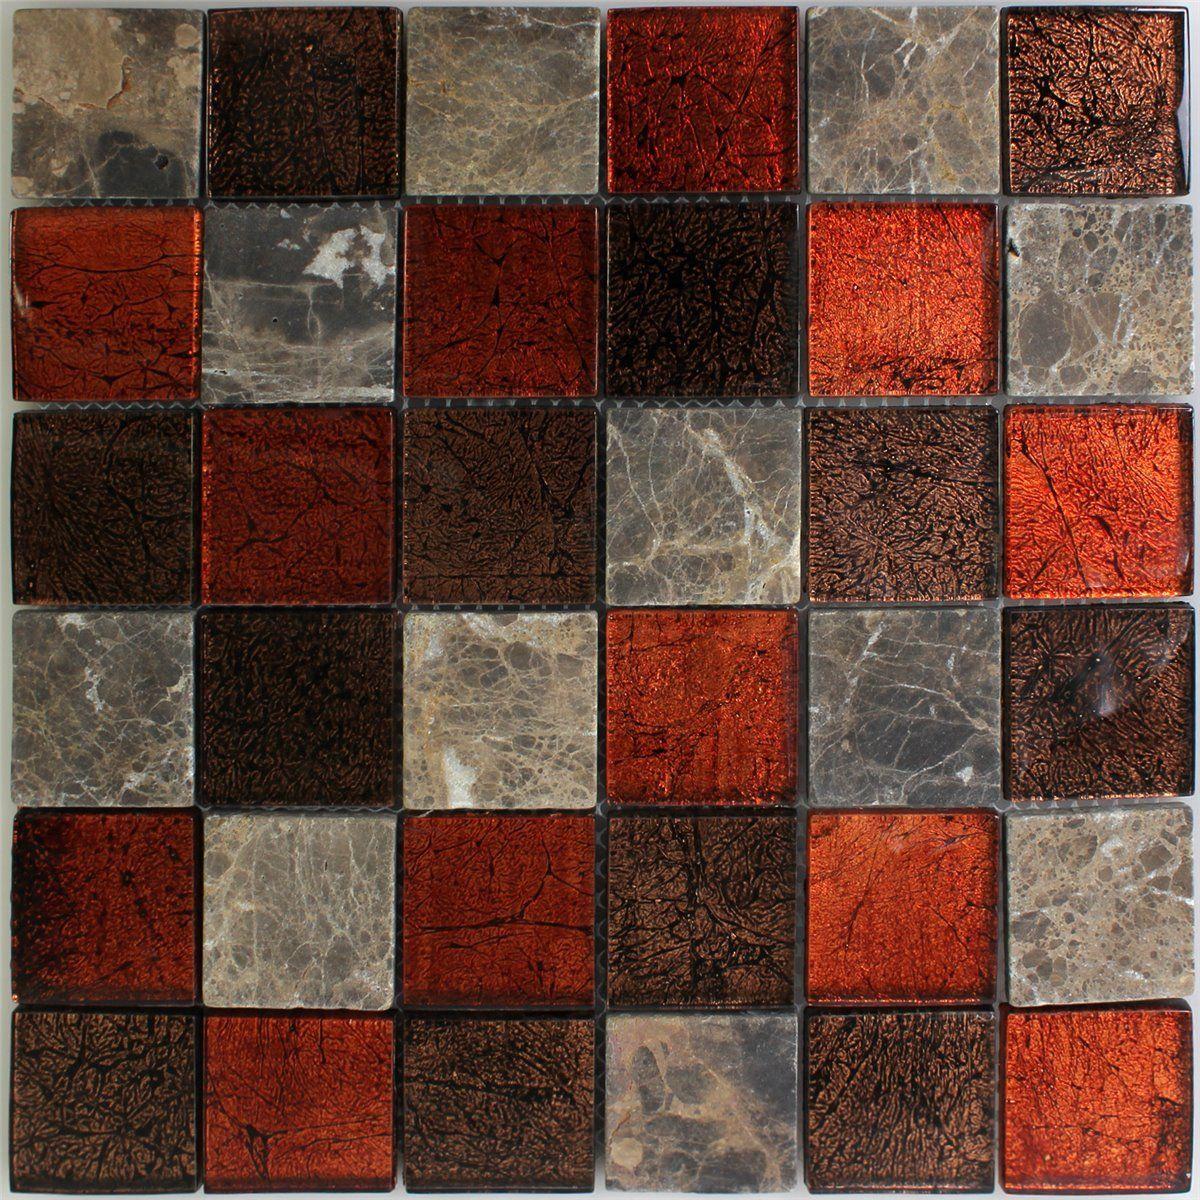 naturstein glas mosaik fliesen rot braun 48x48x8mm home in 2019 pinterest fliesen. Black Bedroom Furniture Sets. Home Design Ideas